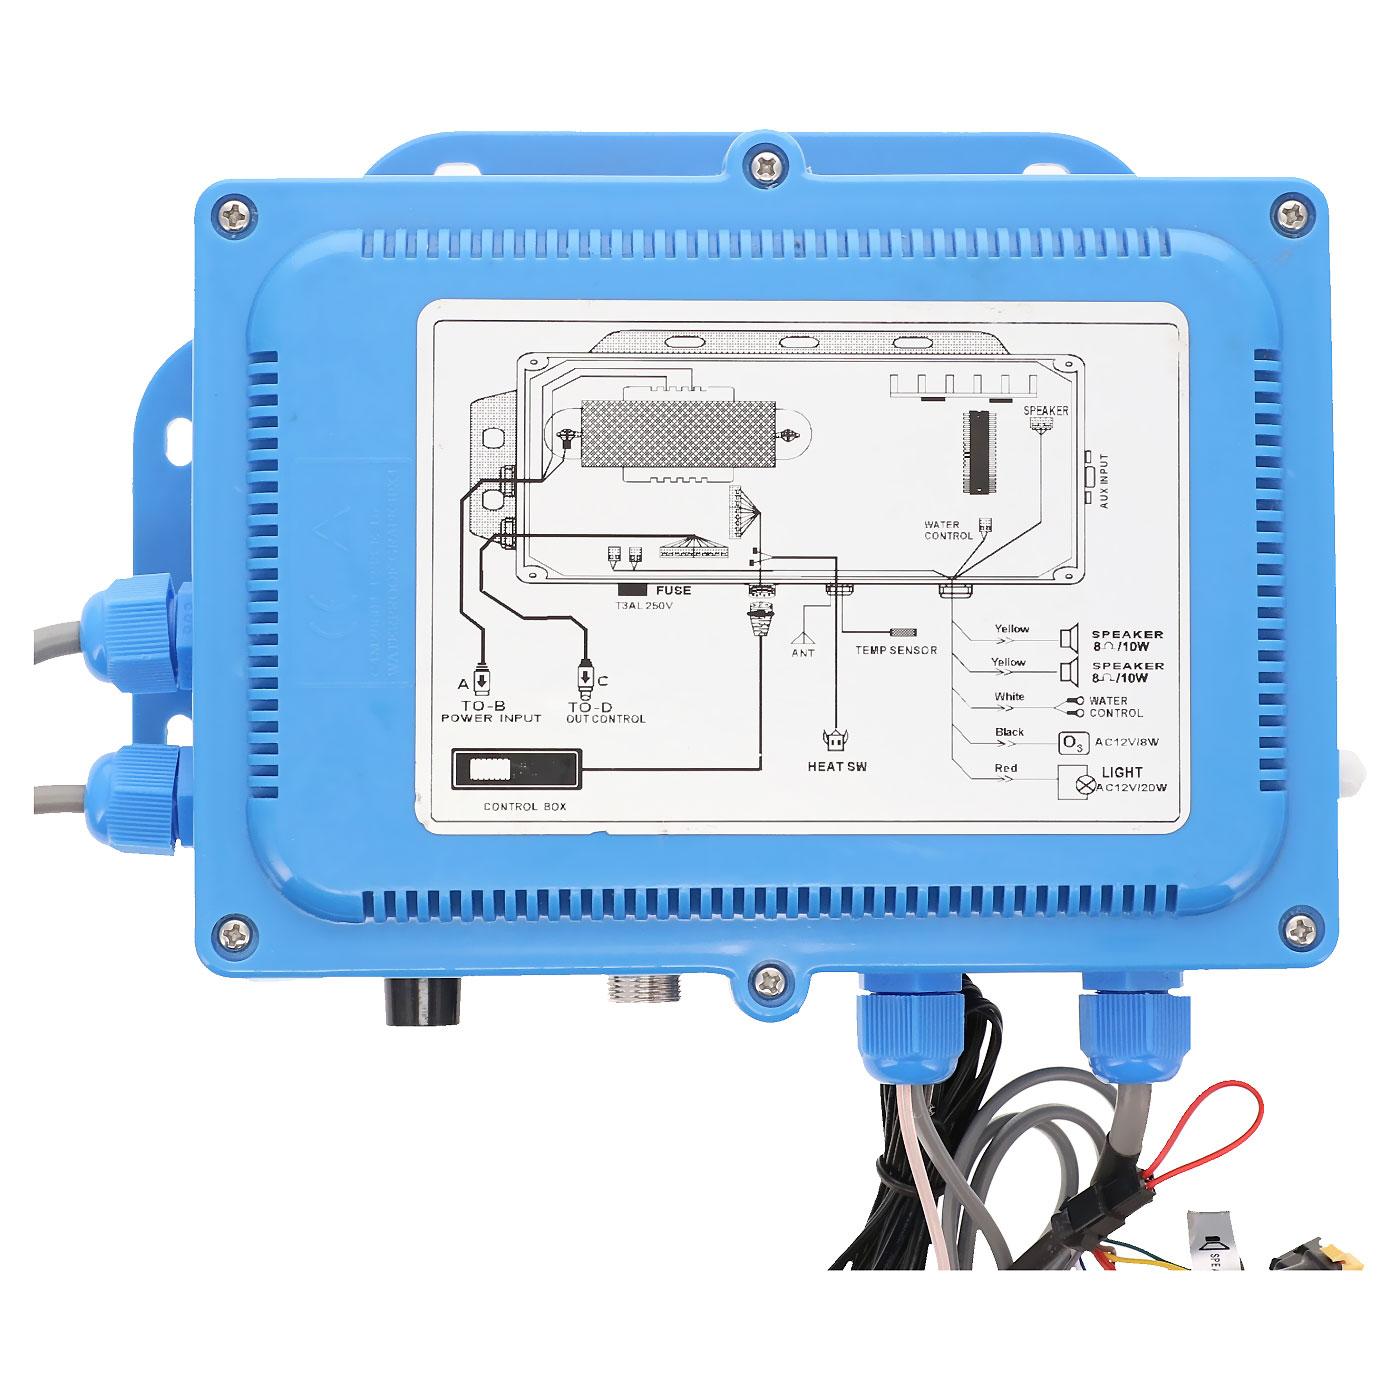 D7005 Control Box